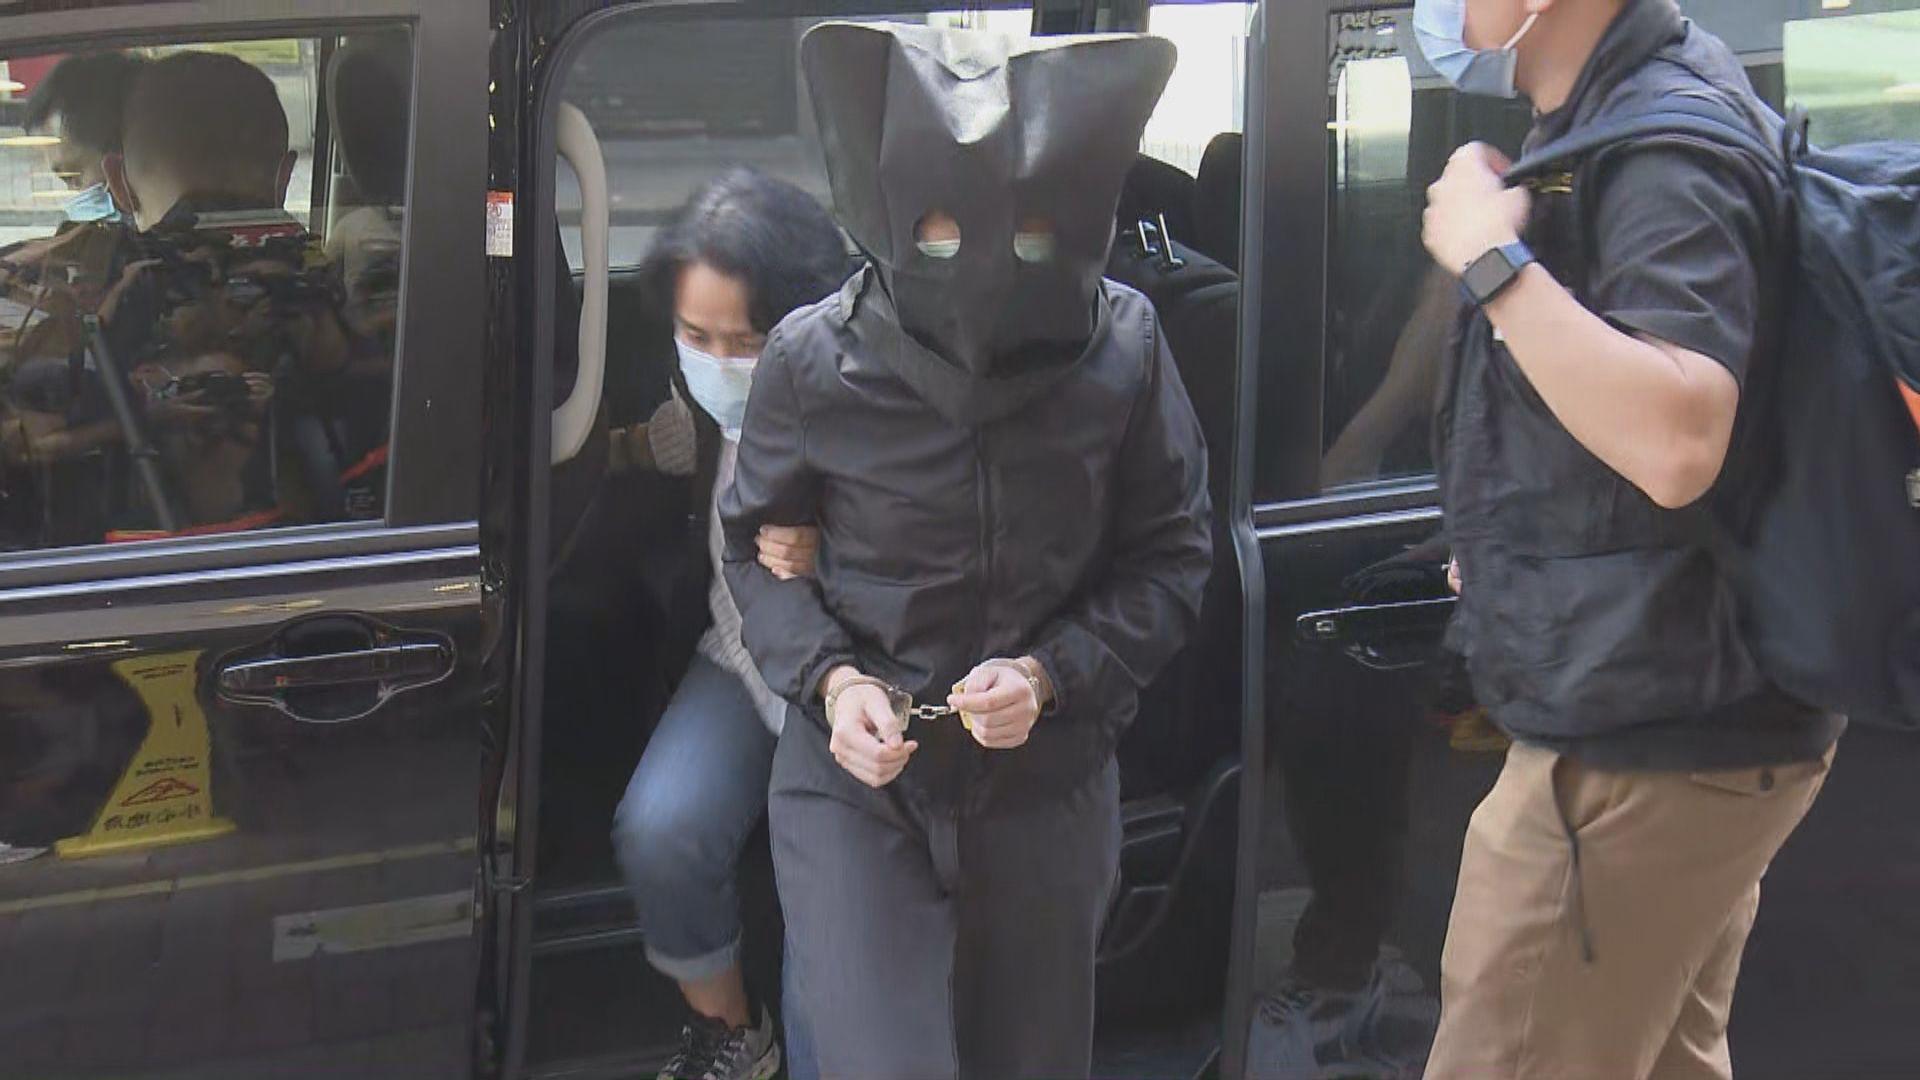 國安處拘五人涉串謀發布煽動刊物警指不排除再有人被捕